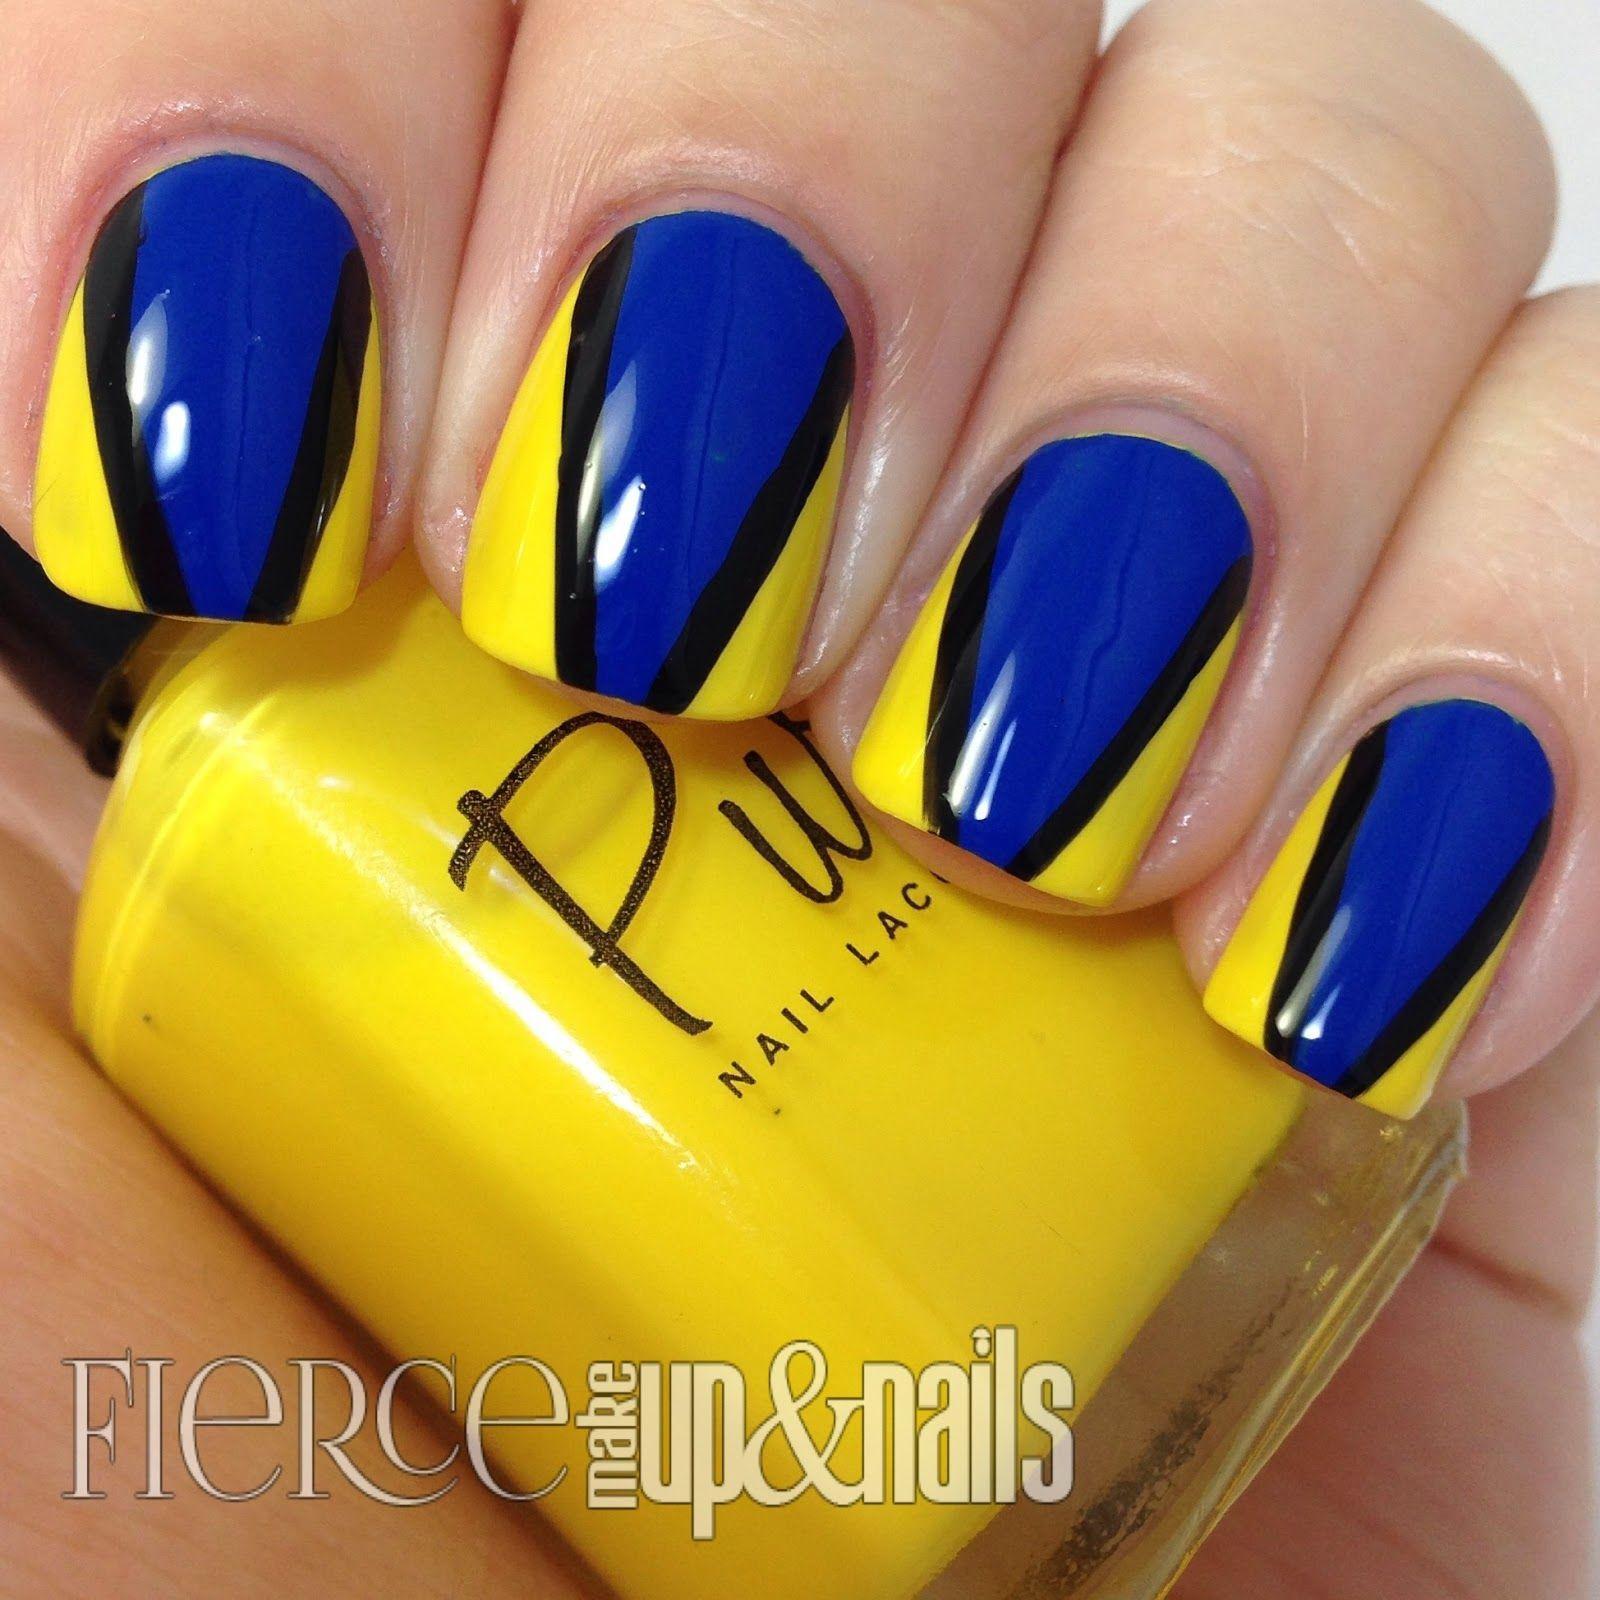 Fierce makeup and nails nail nails nailart dianas nail art fierce makeup and nails nail nails nailart prinsesfo Choice Image